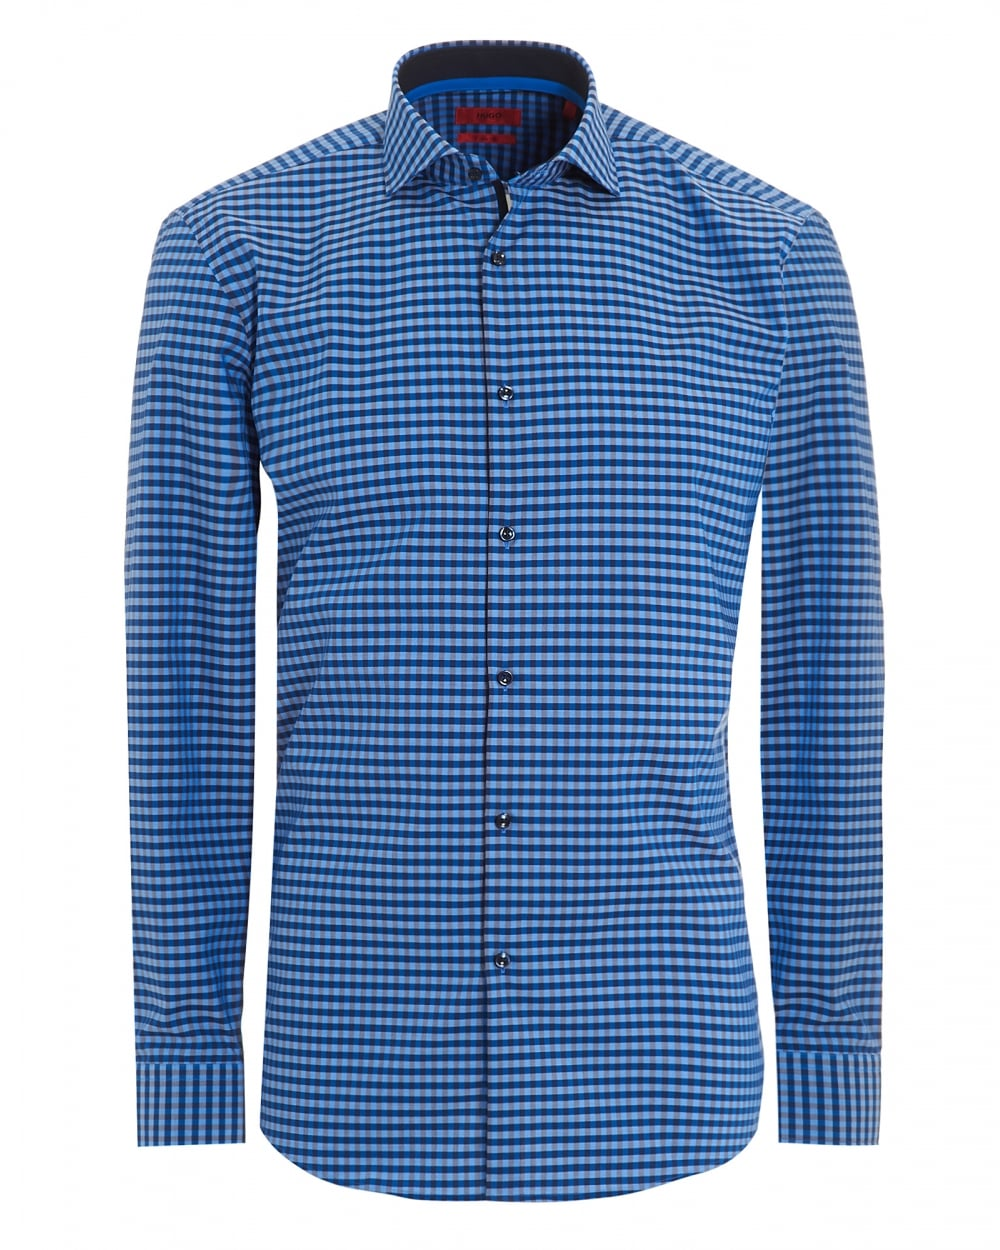 hugo boss hugo mens blue slim fit gingham checked shirt. Black Bedroom Furniture Sets. Home Design Ideas